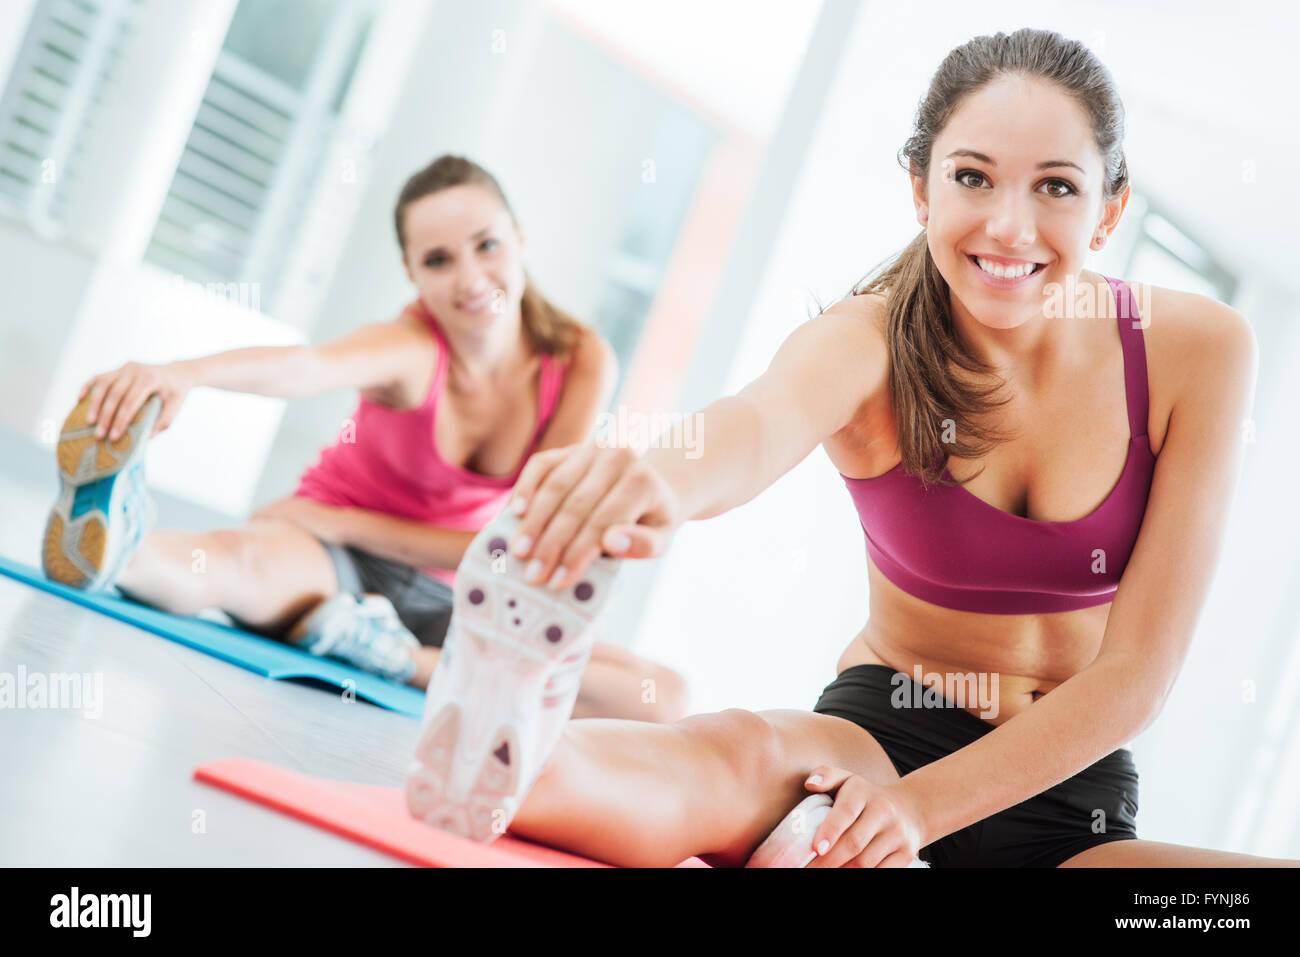 Sonriente joven mujer en el gimnasio haciendo un ejercicio de estiramiento para las piernas sobre una estera, concepto Imagen De Stock